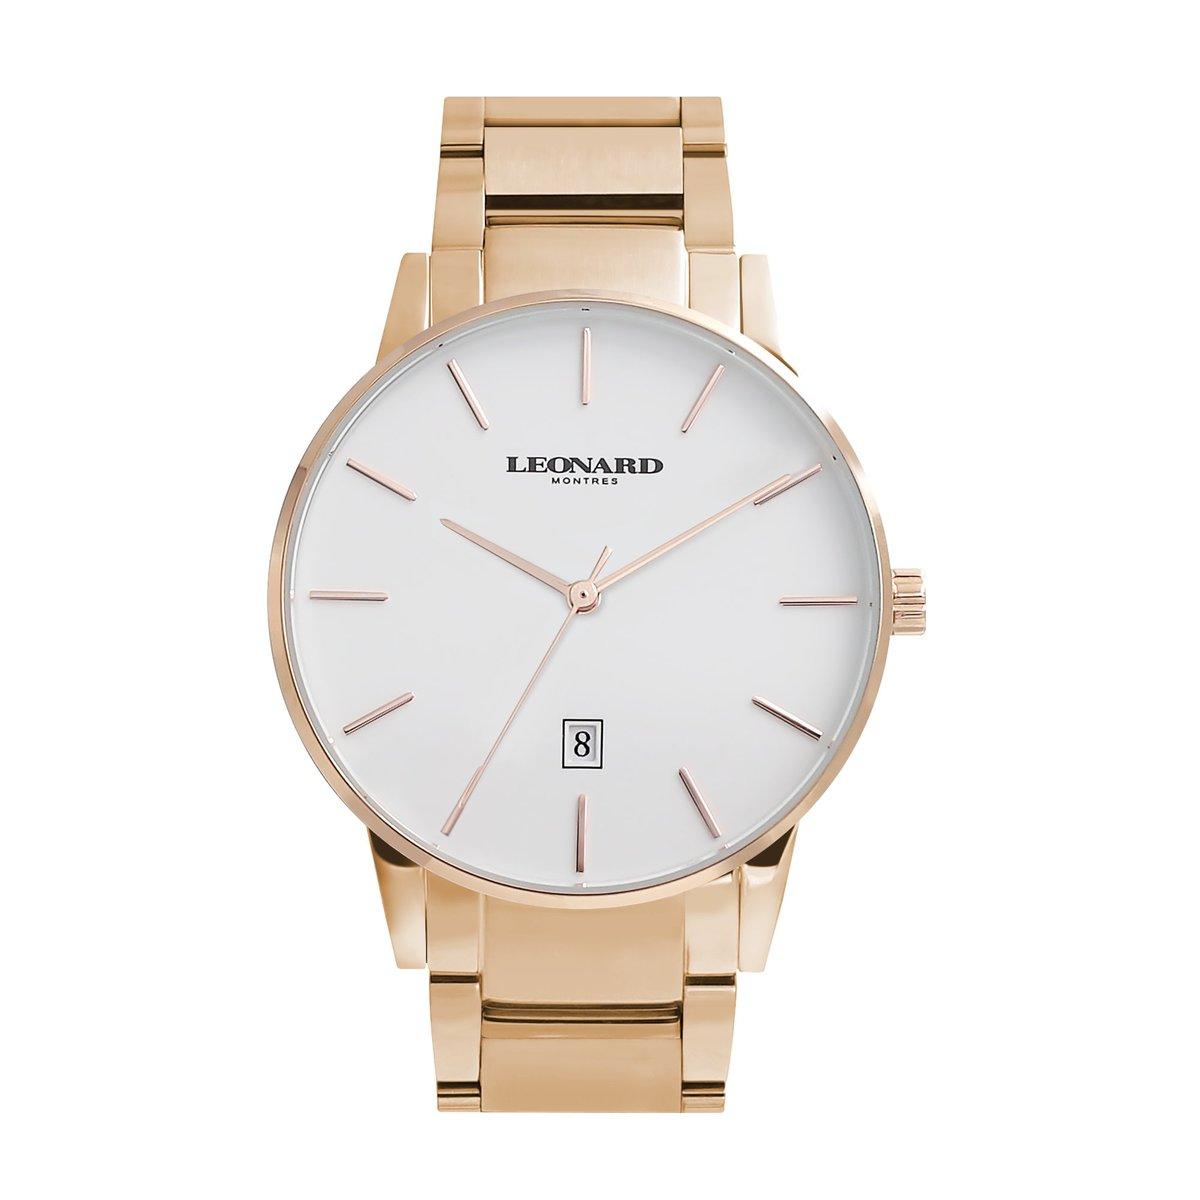 經典圓形腕錶 LGC1019-11R